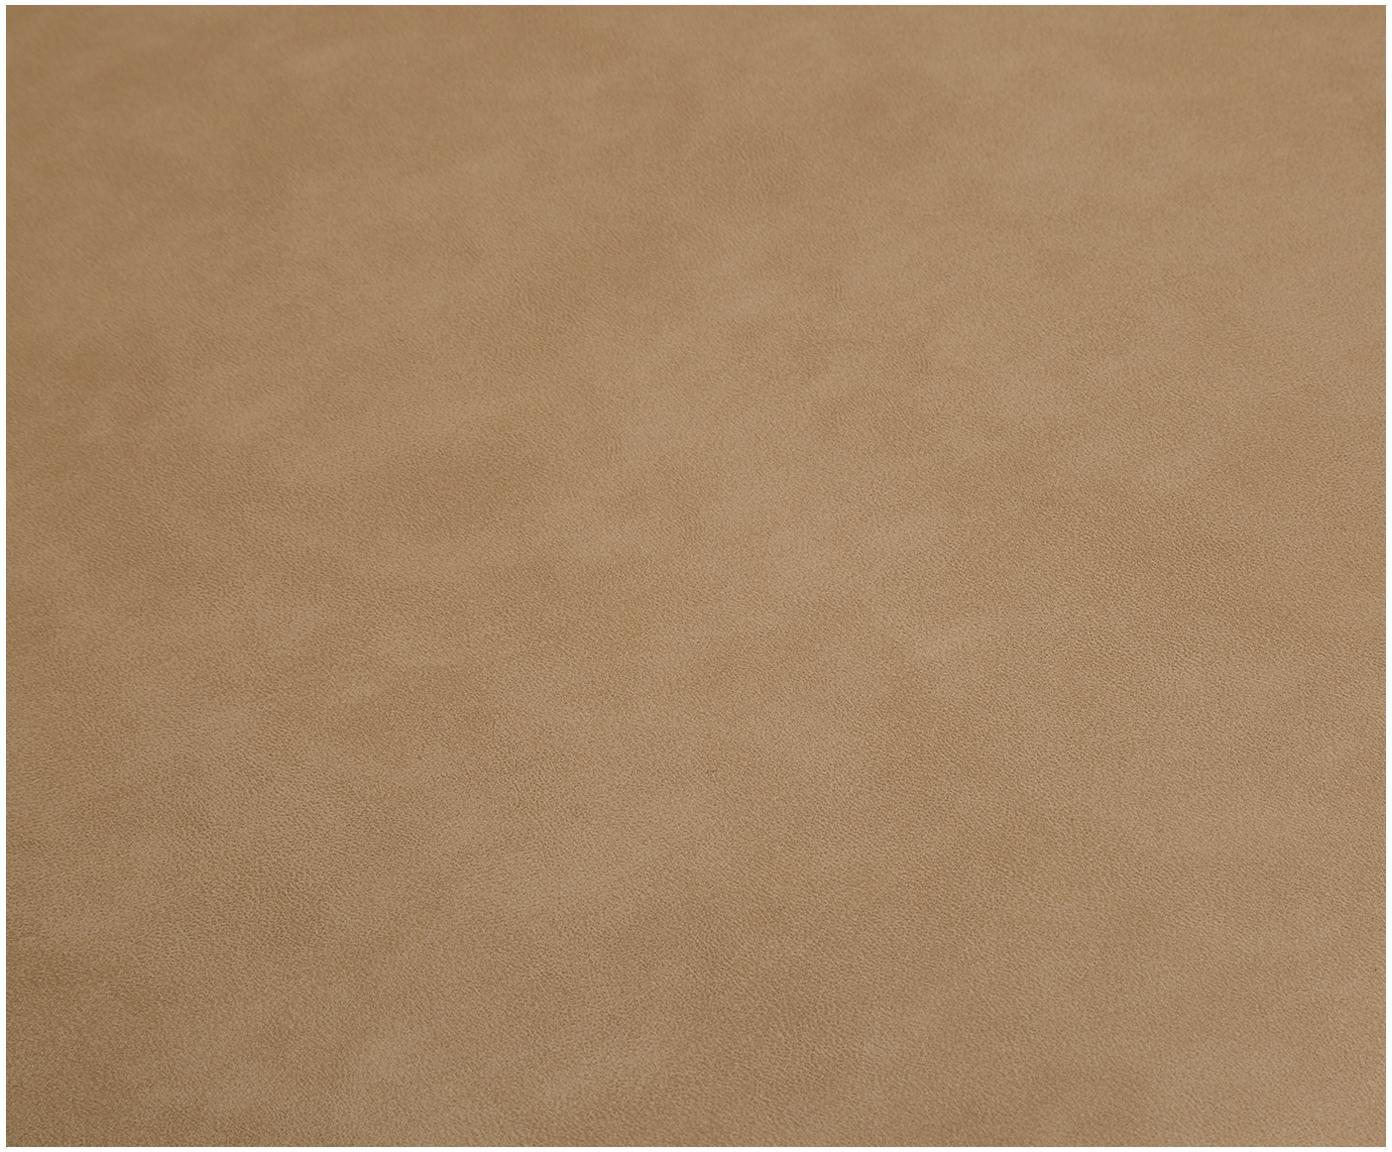 Kunstleren draaistoel Lola, Bekleding: kunstleer (polyurethaan), Poten: gepoedercoat metaal, Lichtbruin, B 52 x D 57 cm